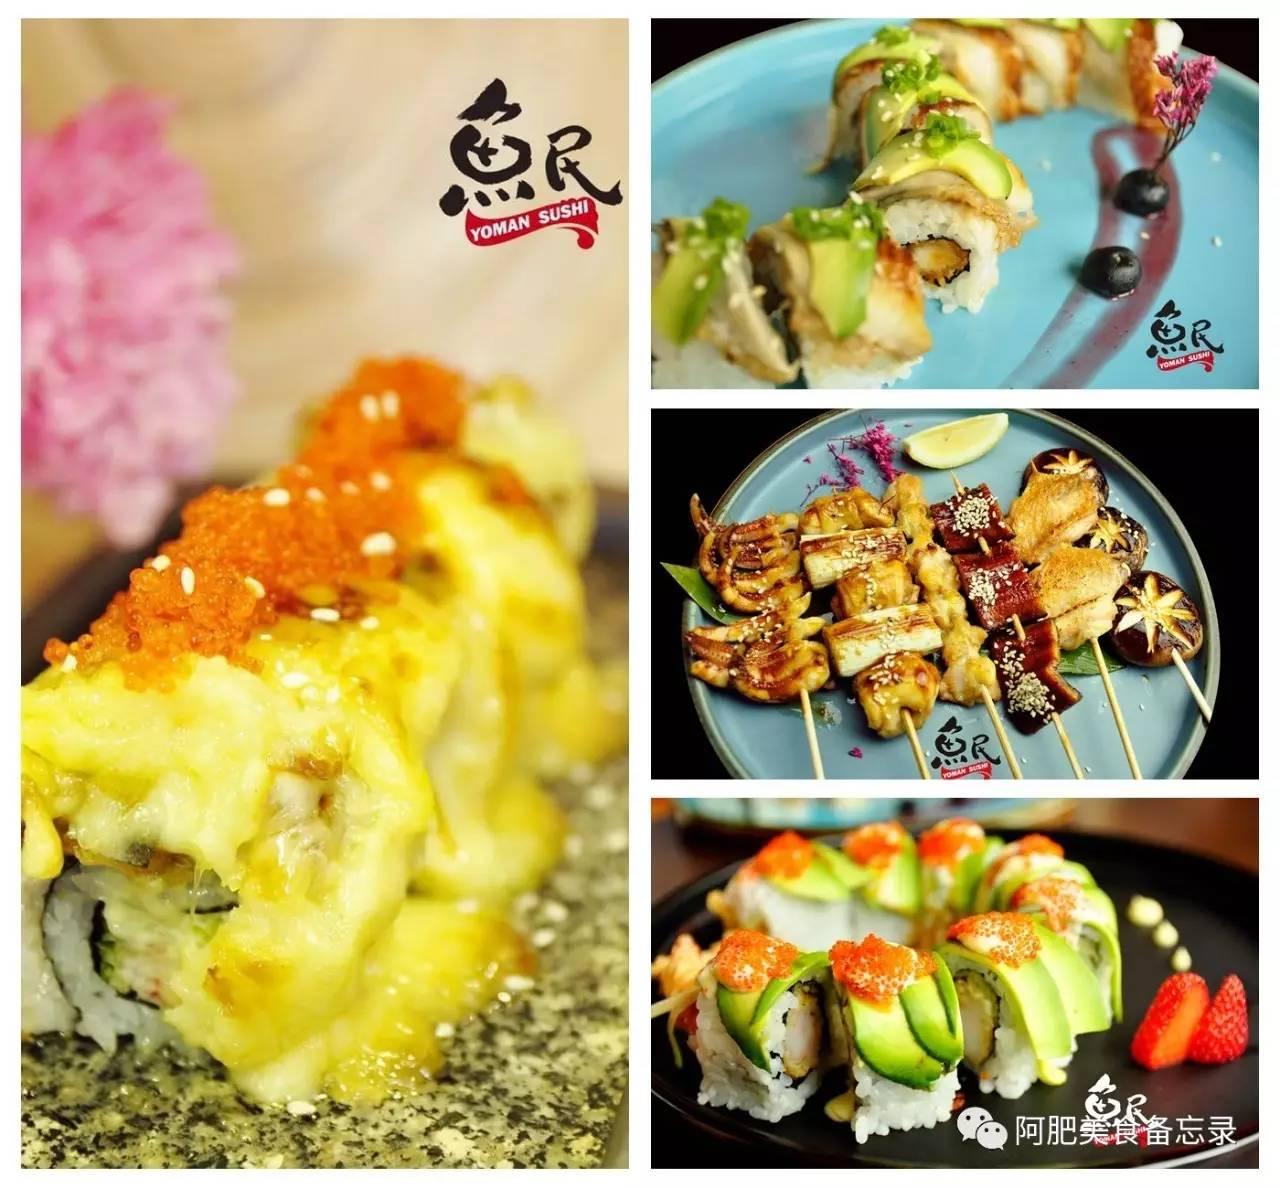 美食 正文  咁样不仅可以保证寿司米既颗粒圆润 同时亦都有效保持米的